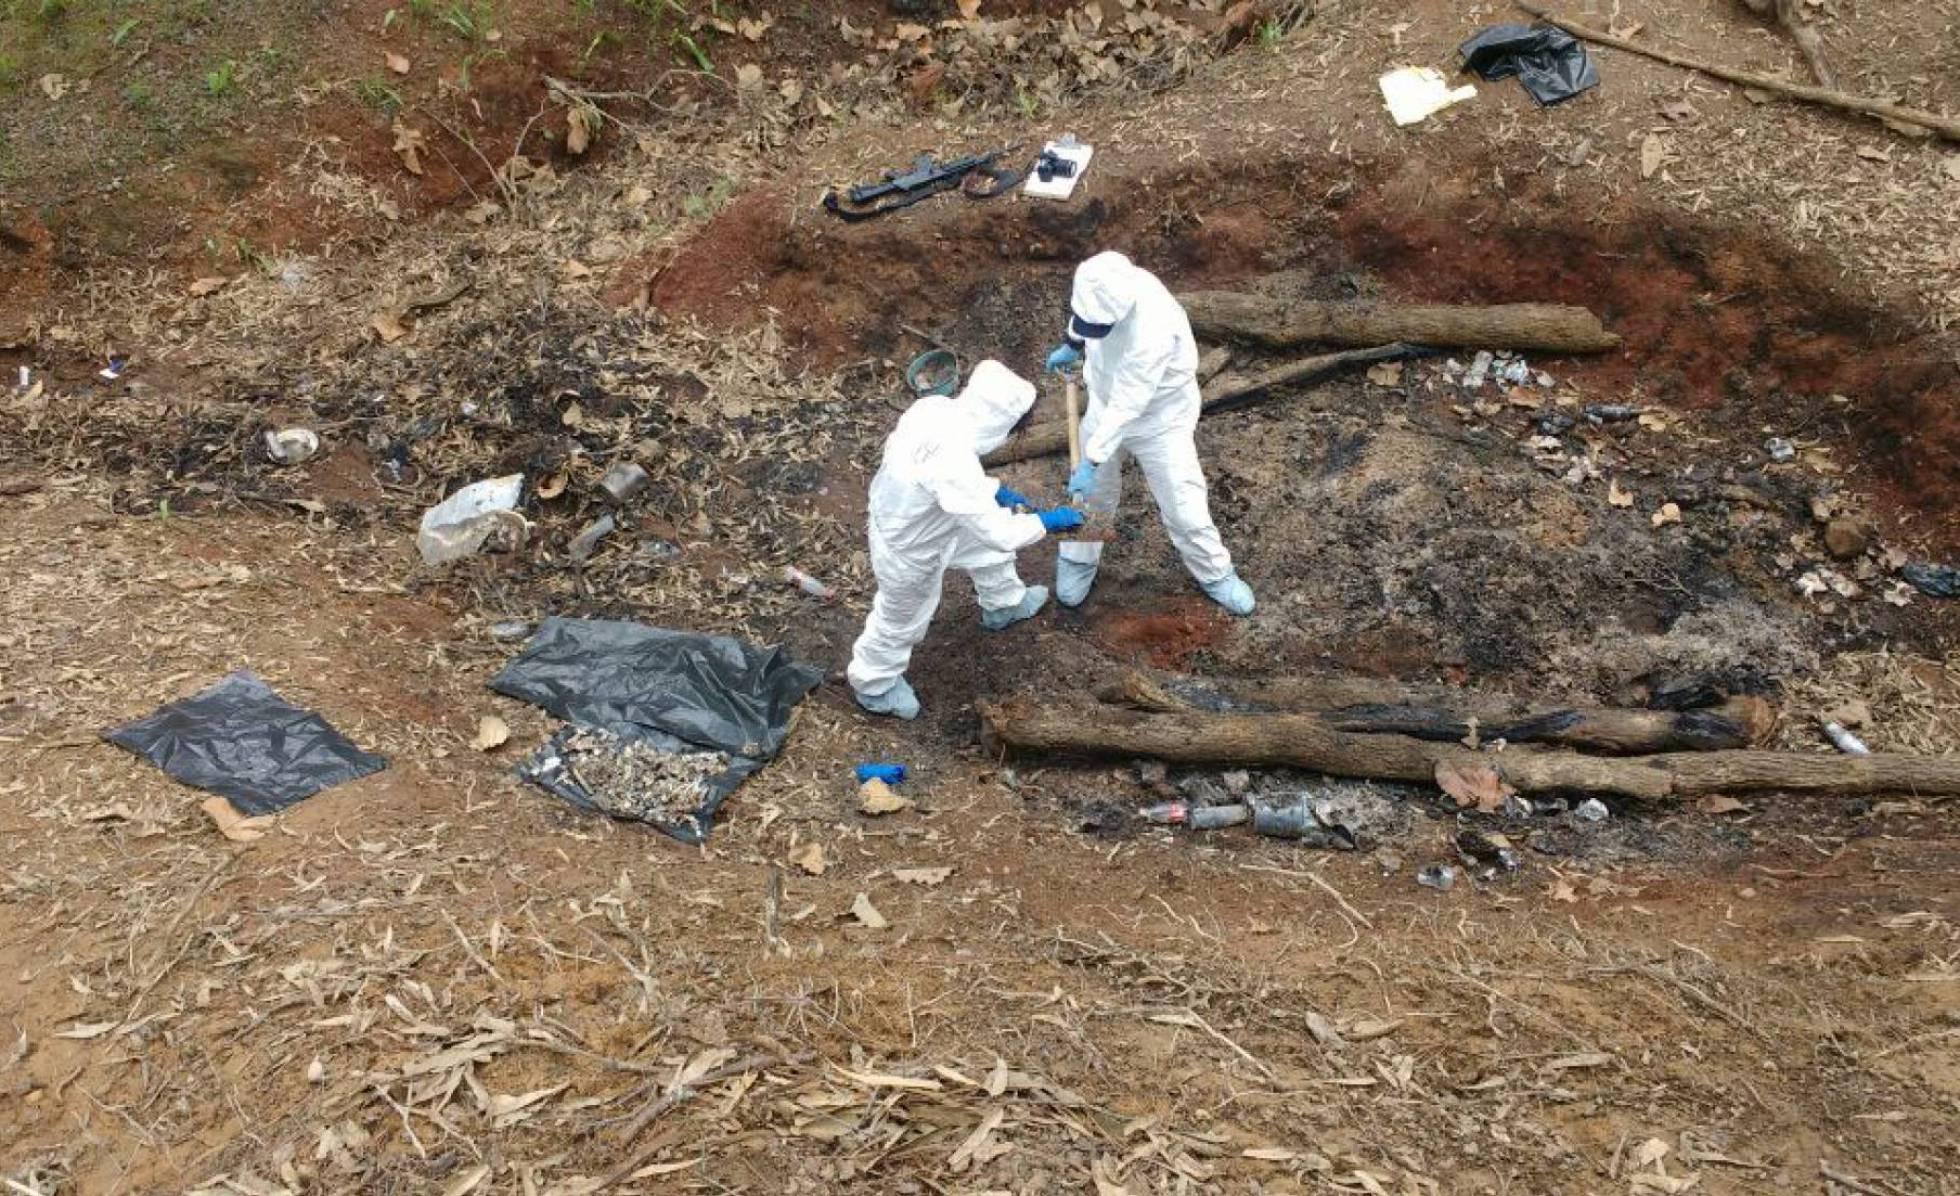 El regreso del infierno mexicano; los desaparecidos que están vivos